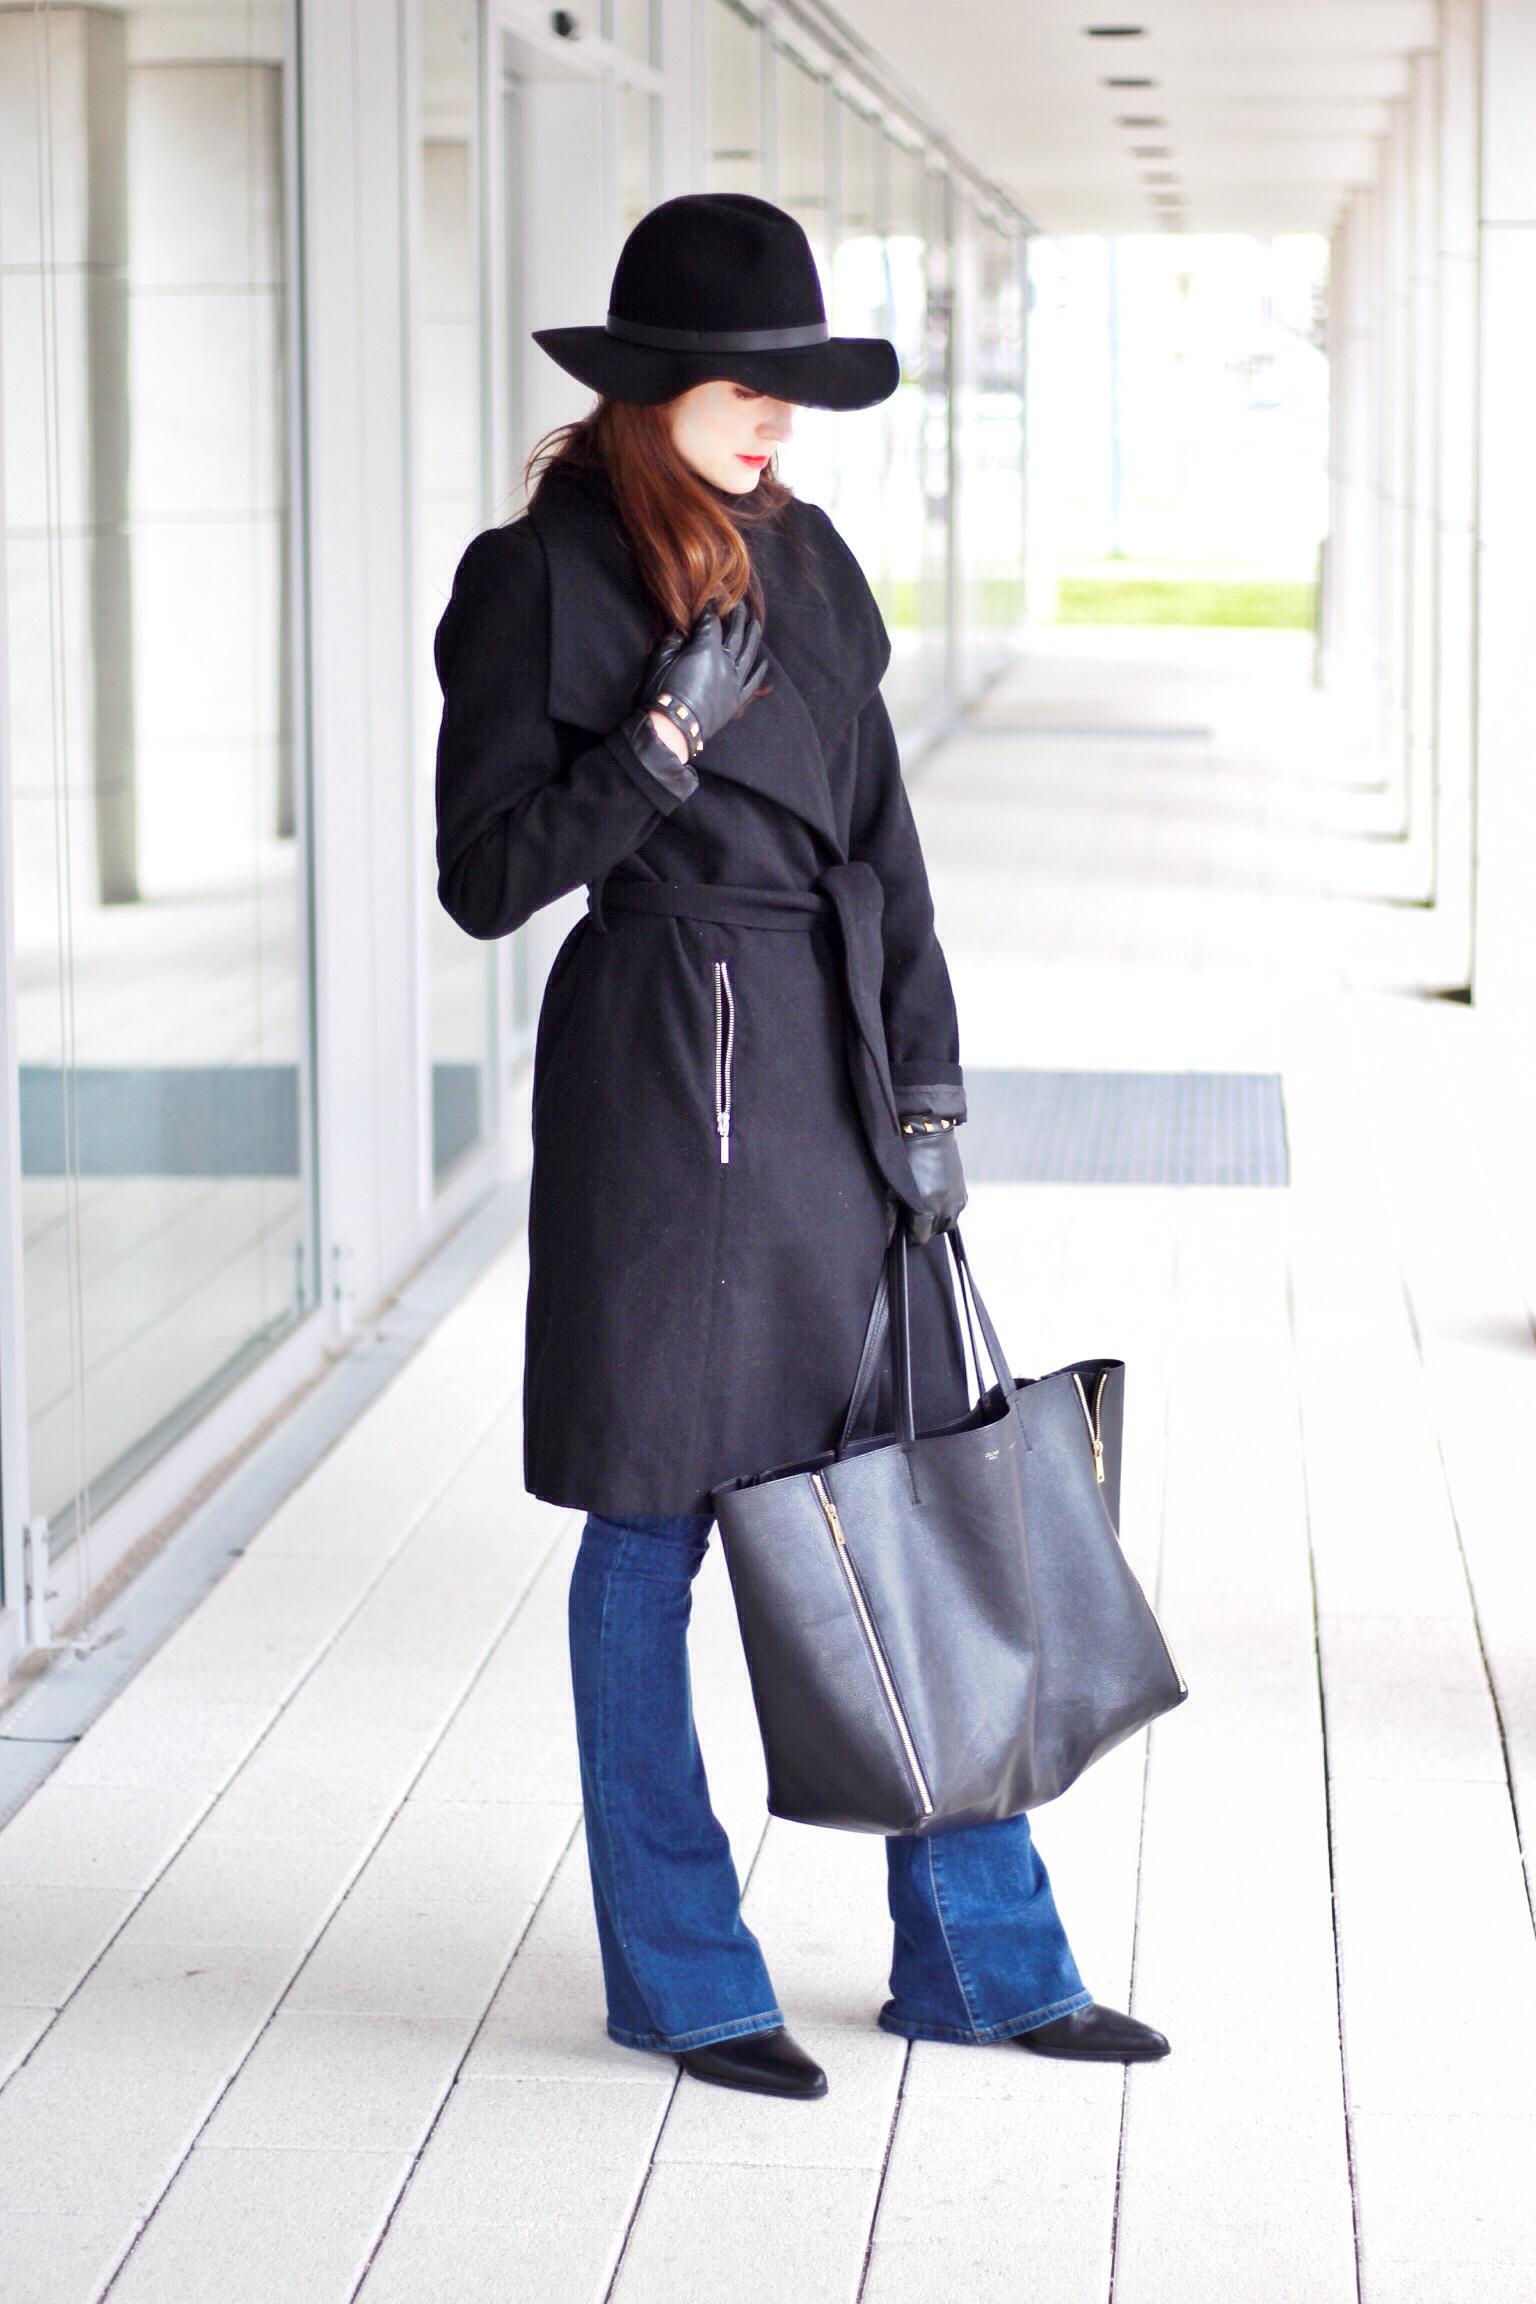 Schlaghose-Flared-Jeans-Modetrends-2016-How-to-wear-Tragetipps-Freiburg-Kombinieren